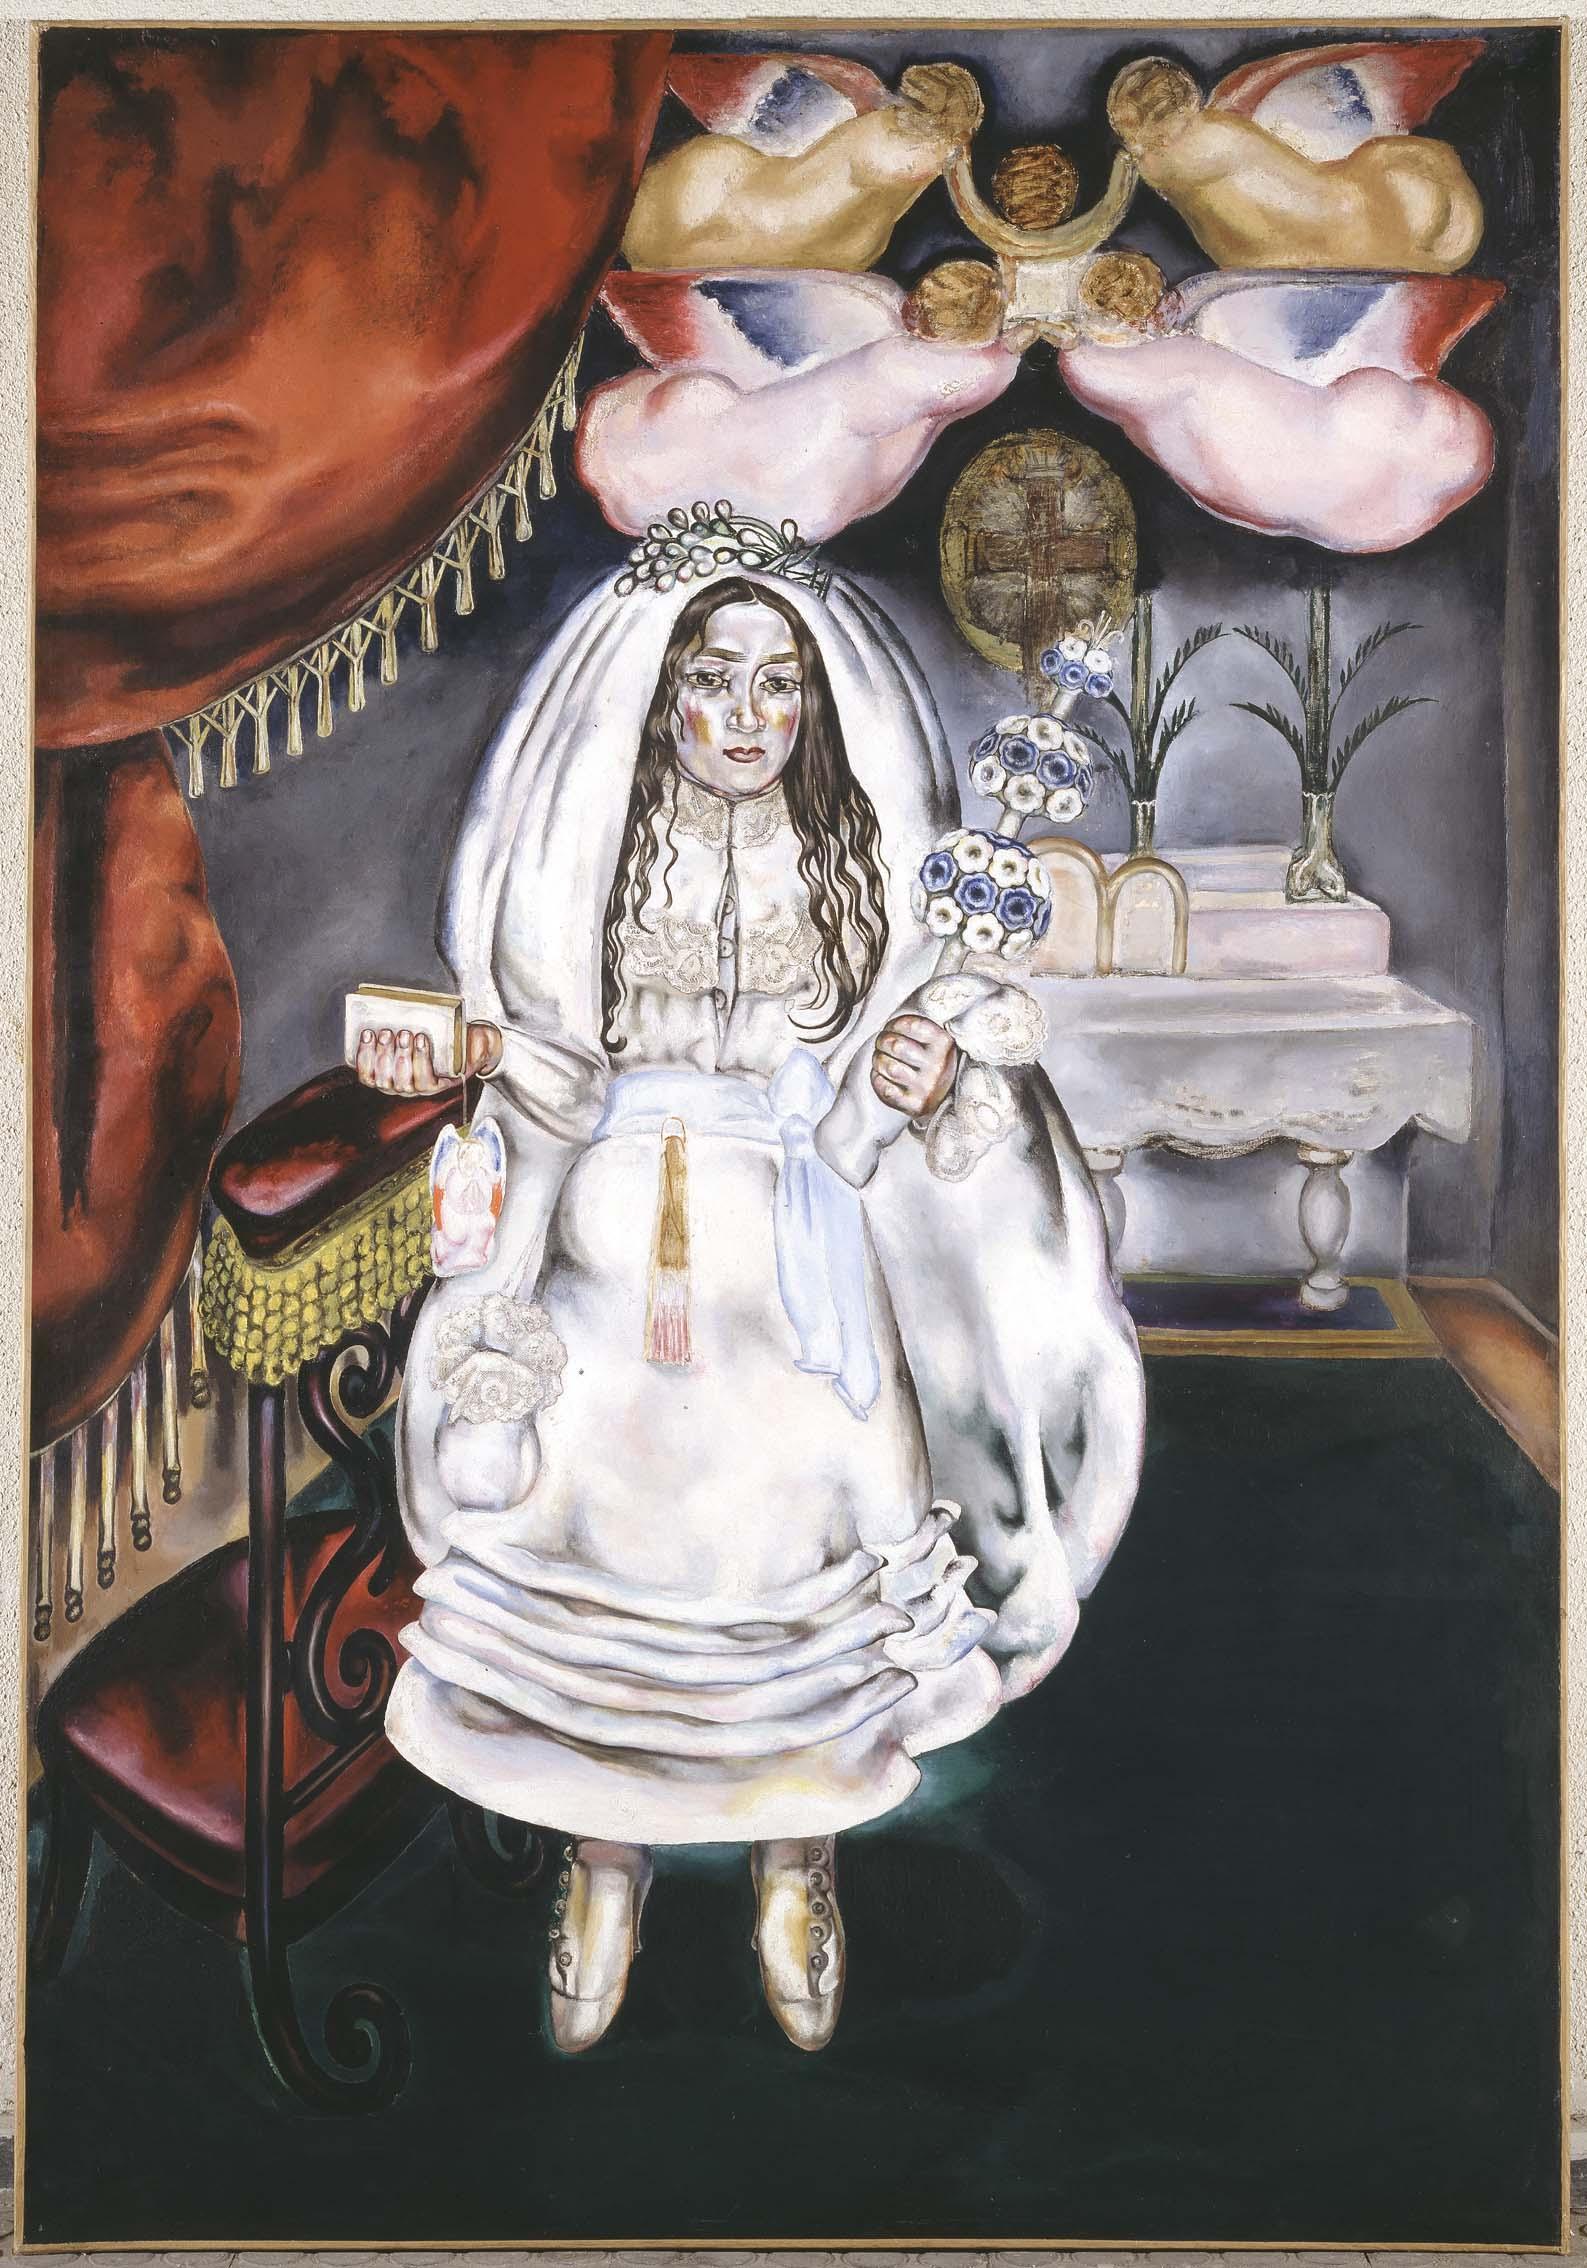 La Comulgante, 1914, de María Blanchard. Museo Reina Sofía